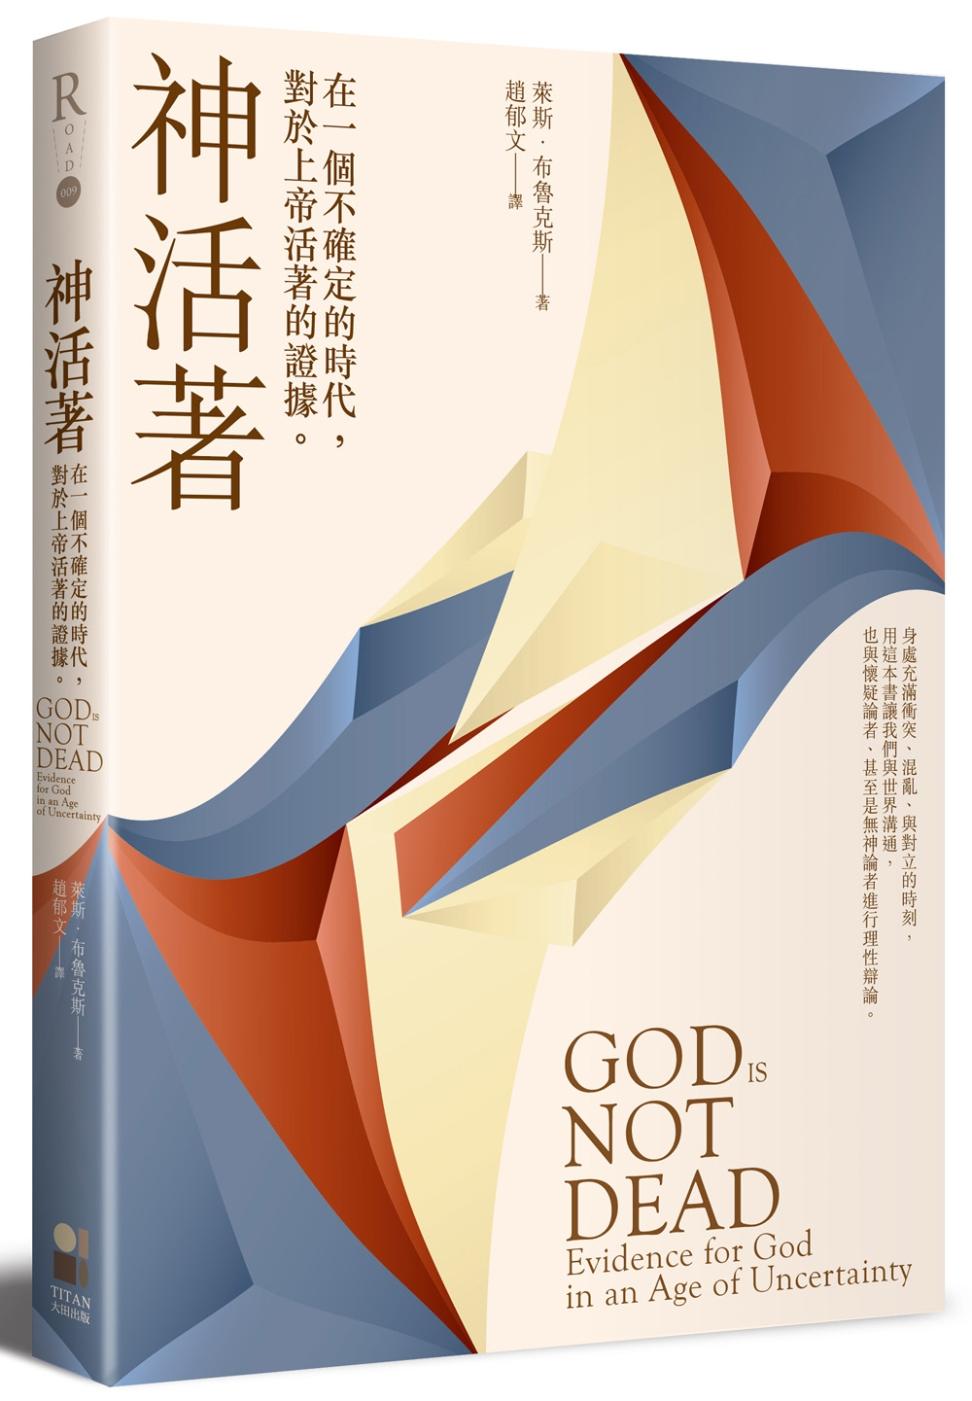 神活著:在一個不確定的時代,對於上帝活著的證據